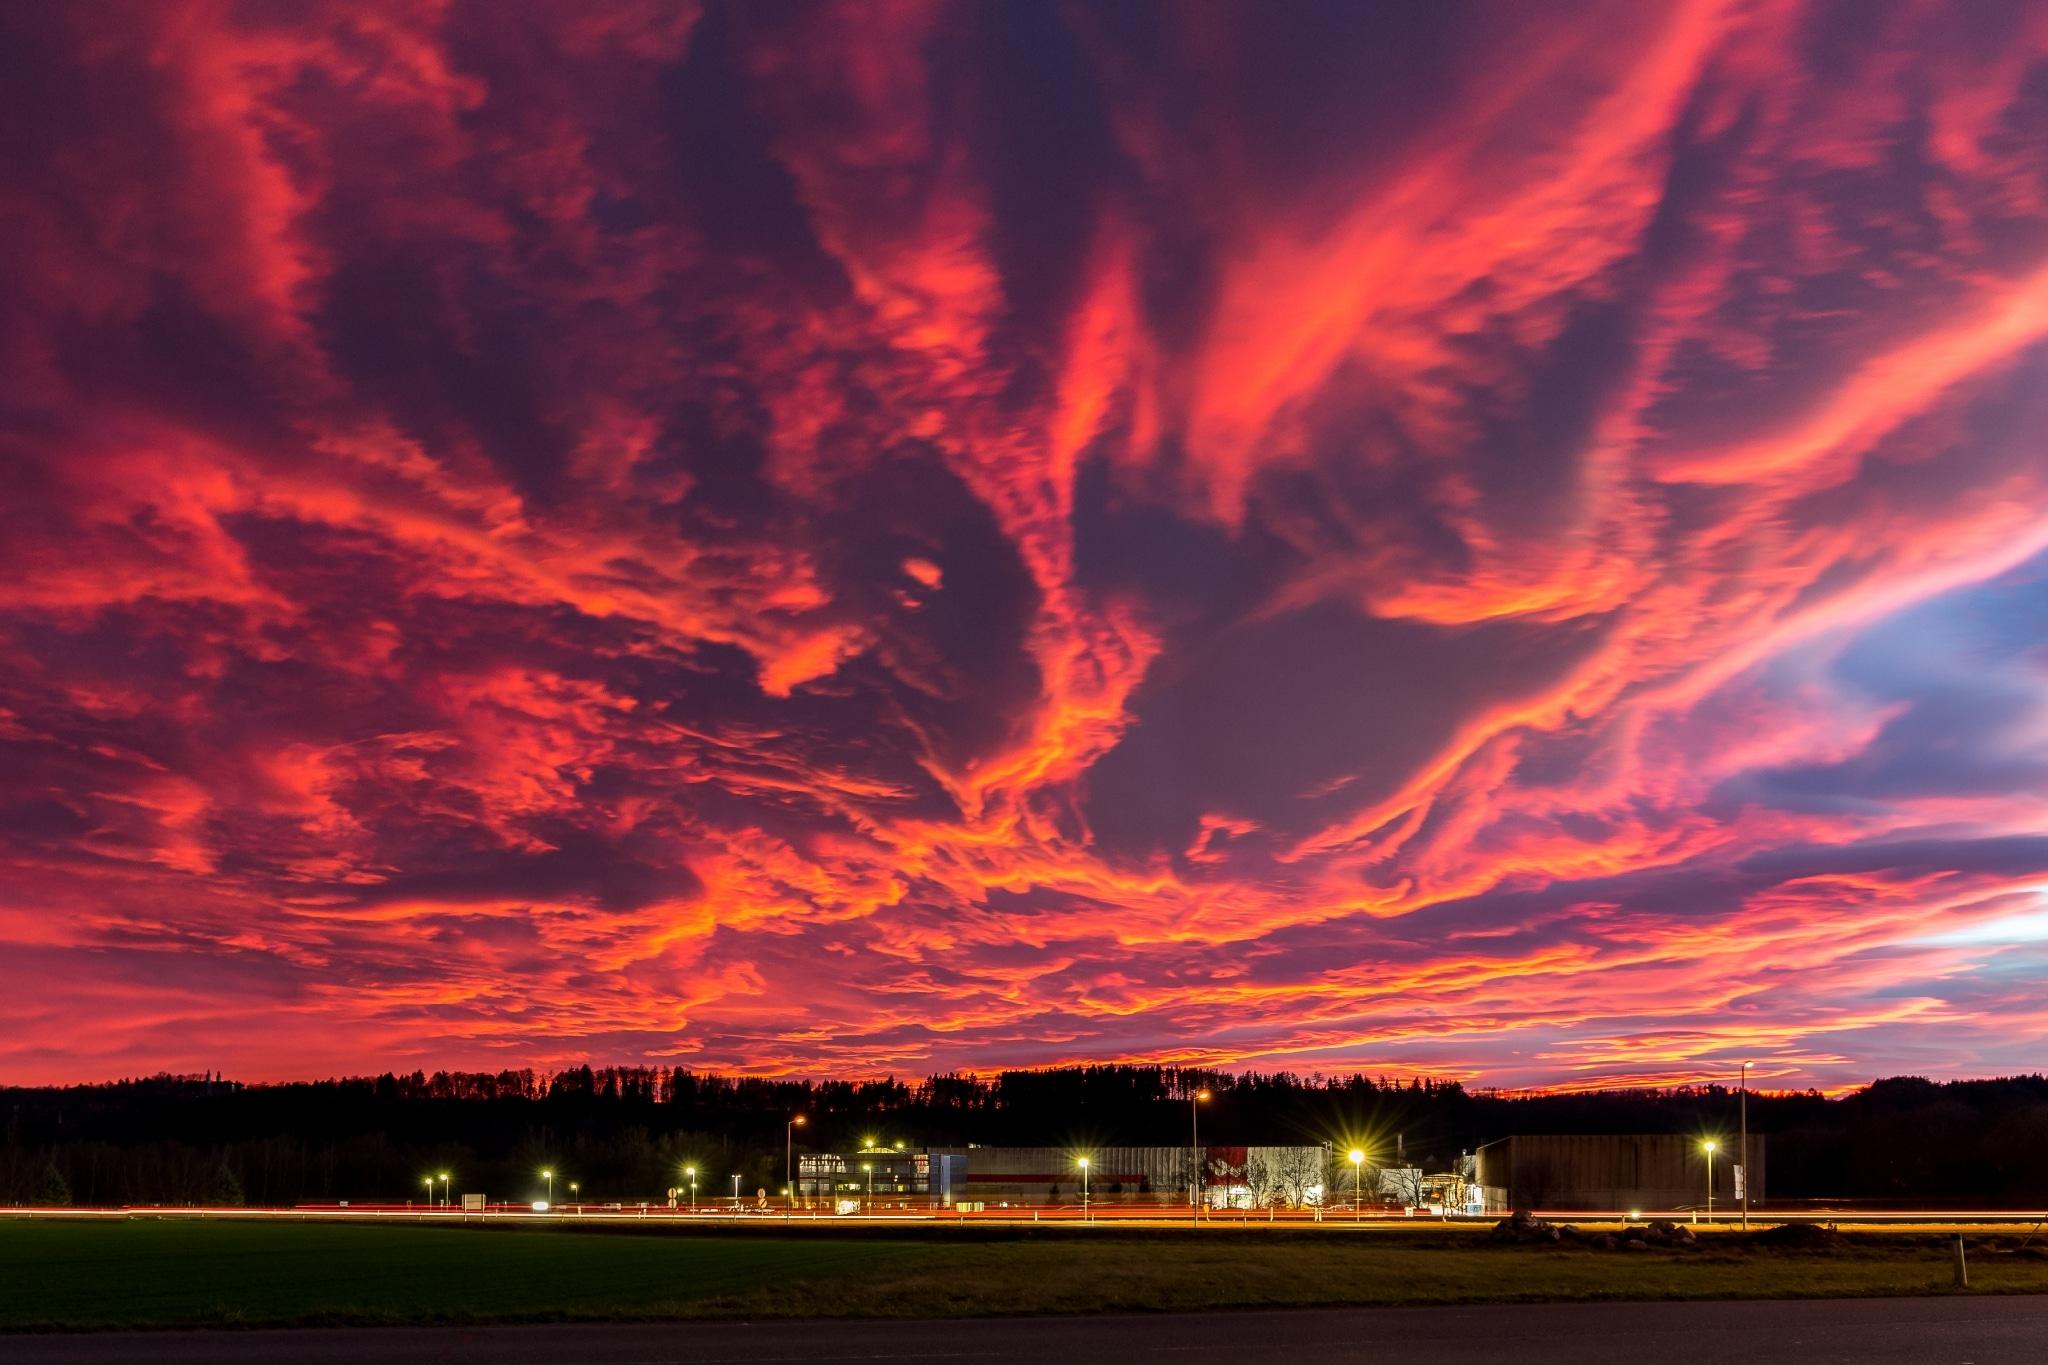 Wollsdorf Austria with red sky